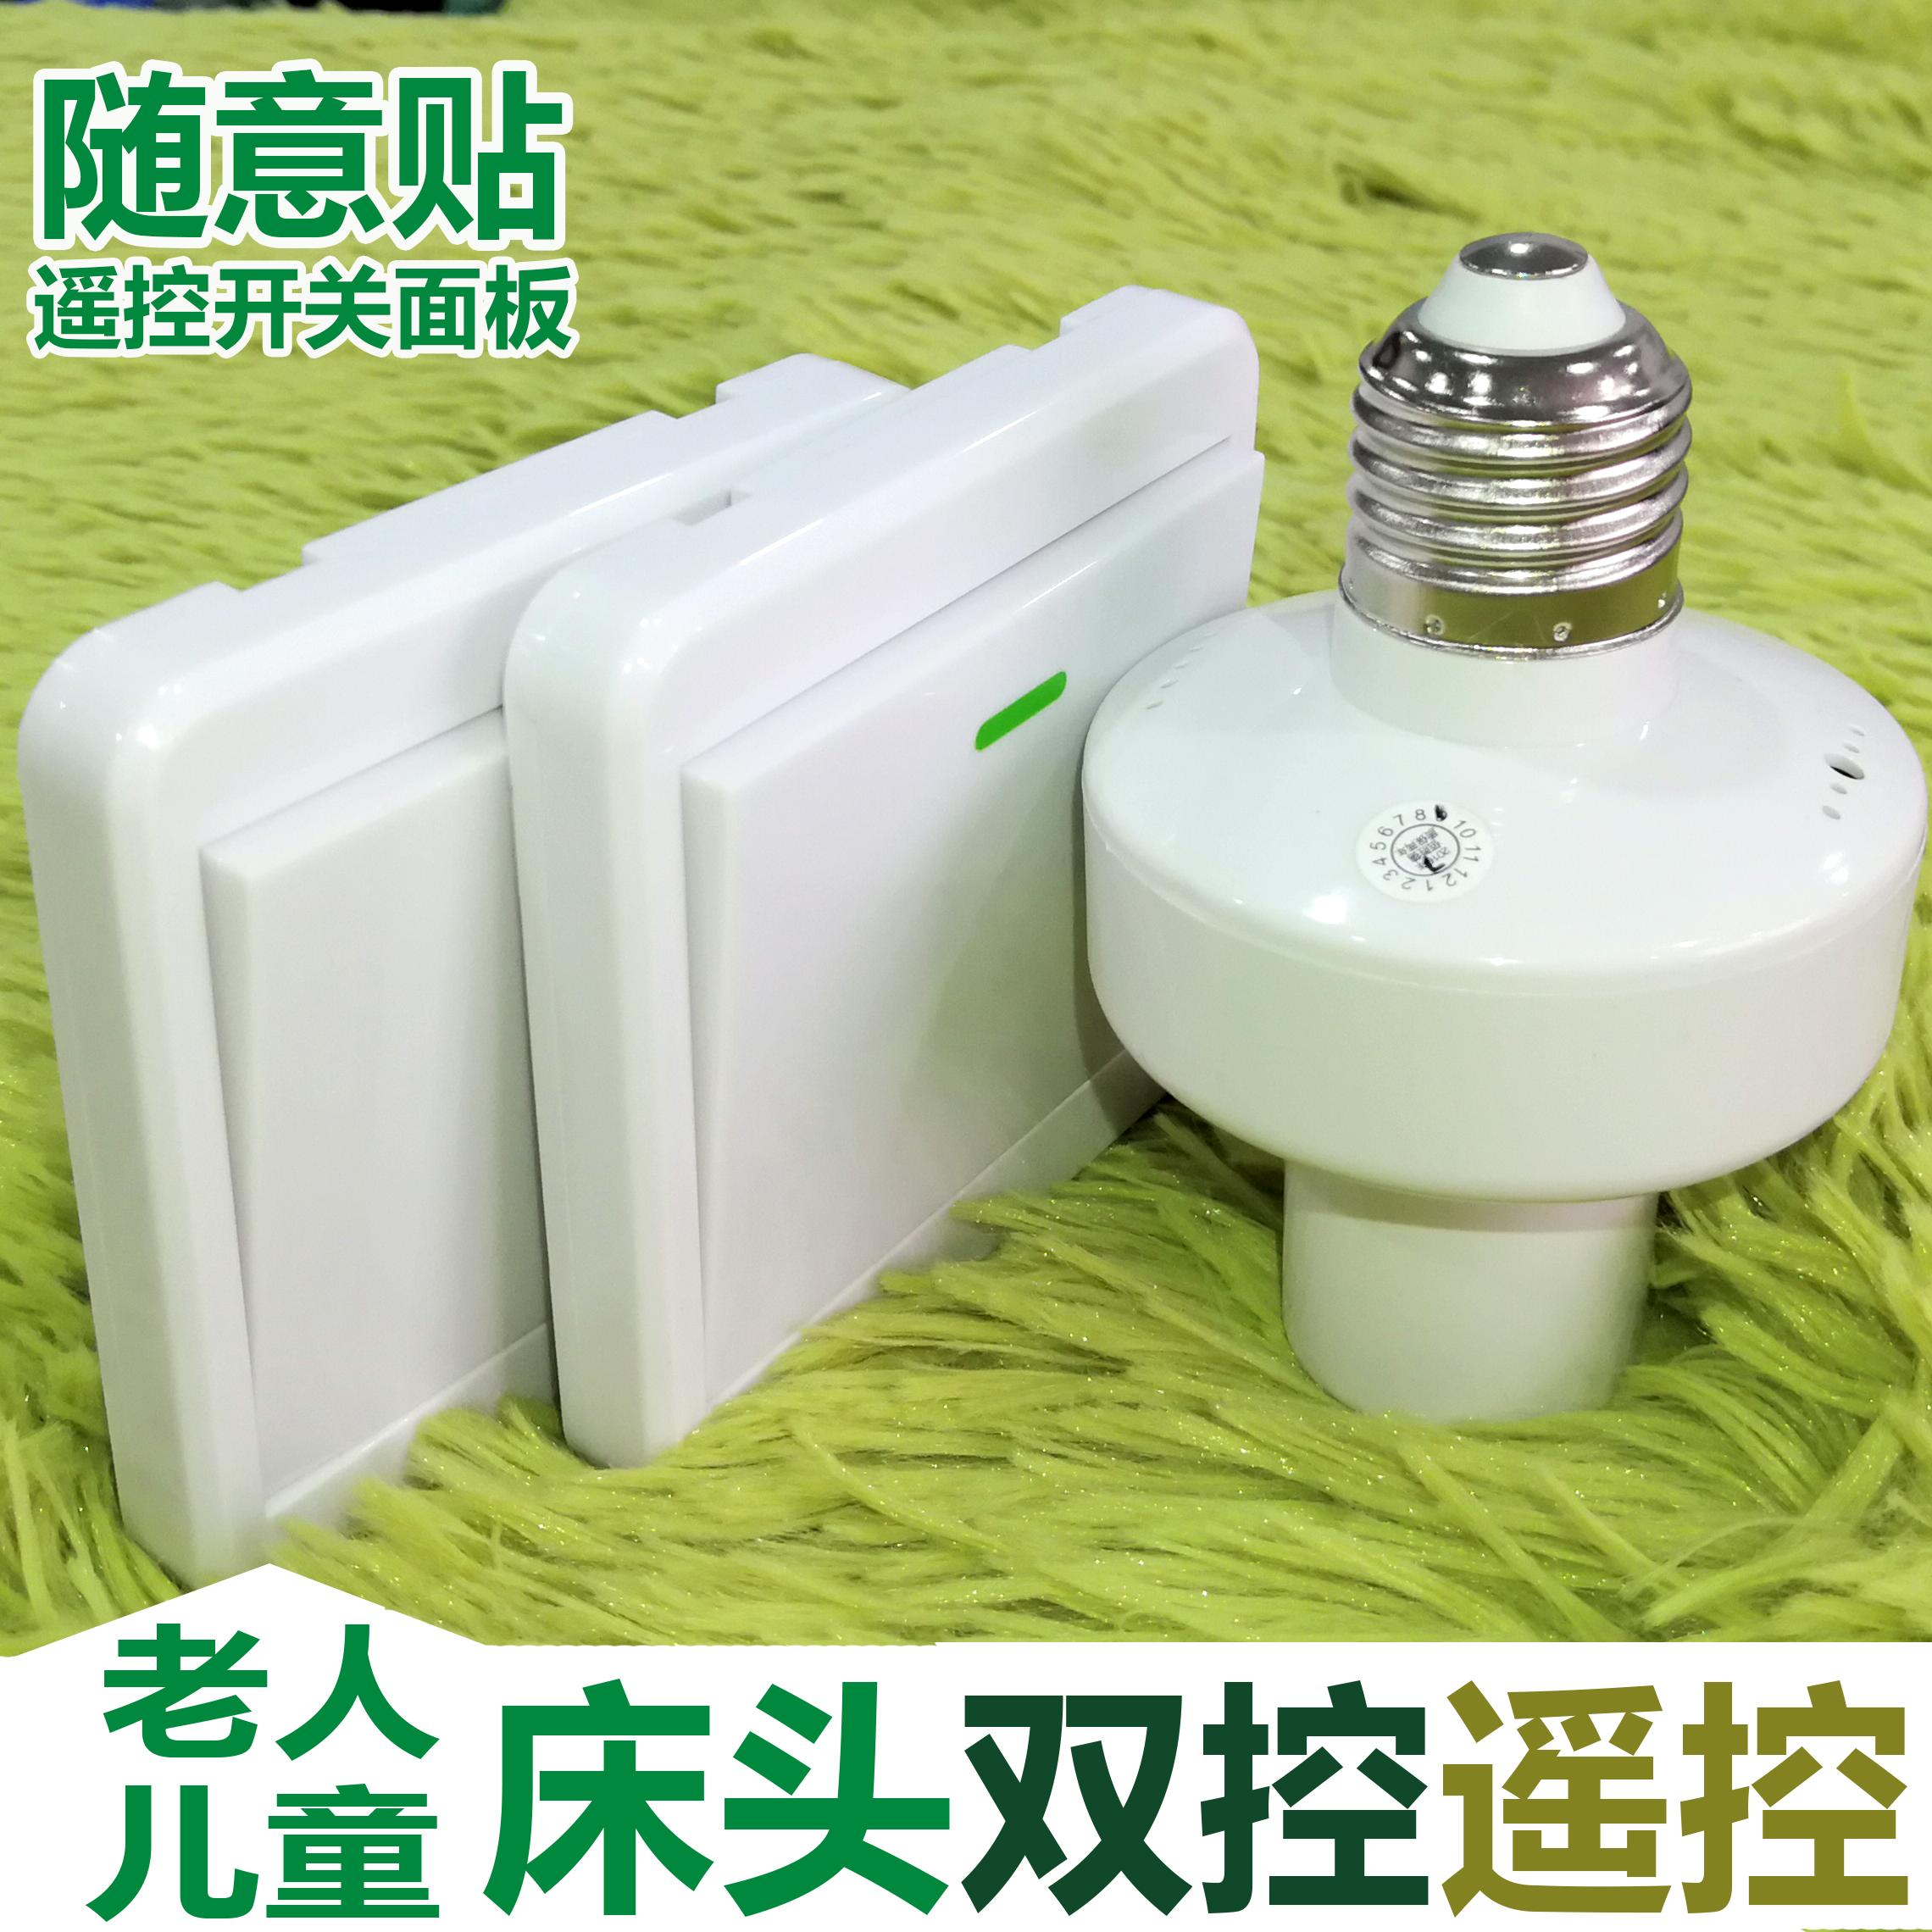 遥控灯 随意贴遥控开关卧室免布线无线智能万能通用螺口双控家用